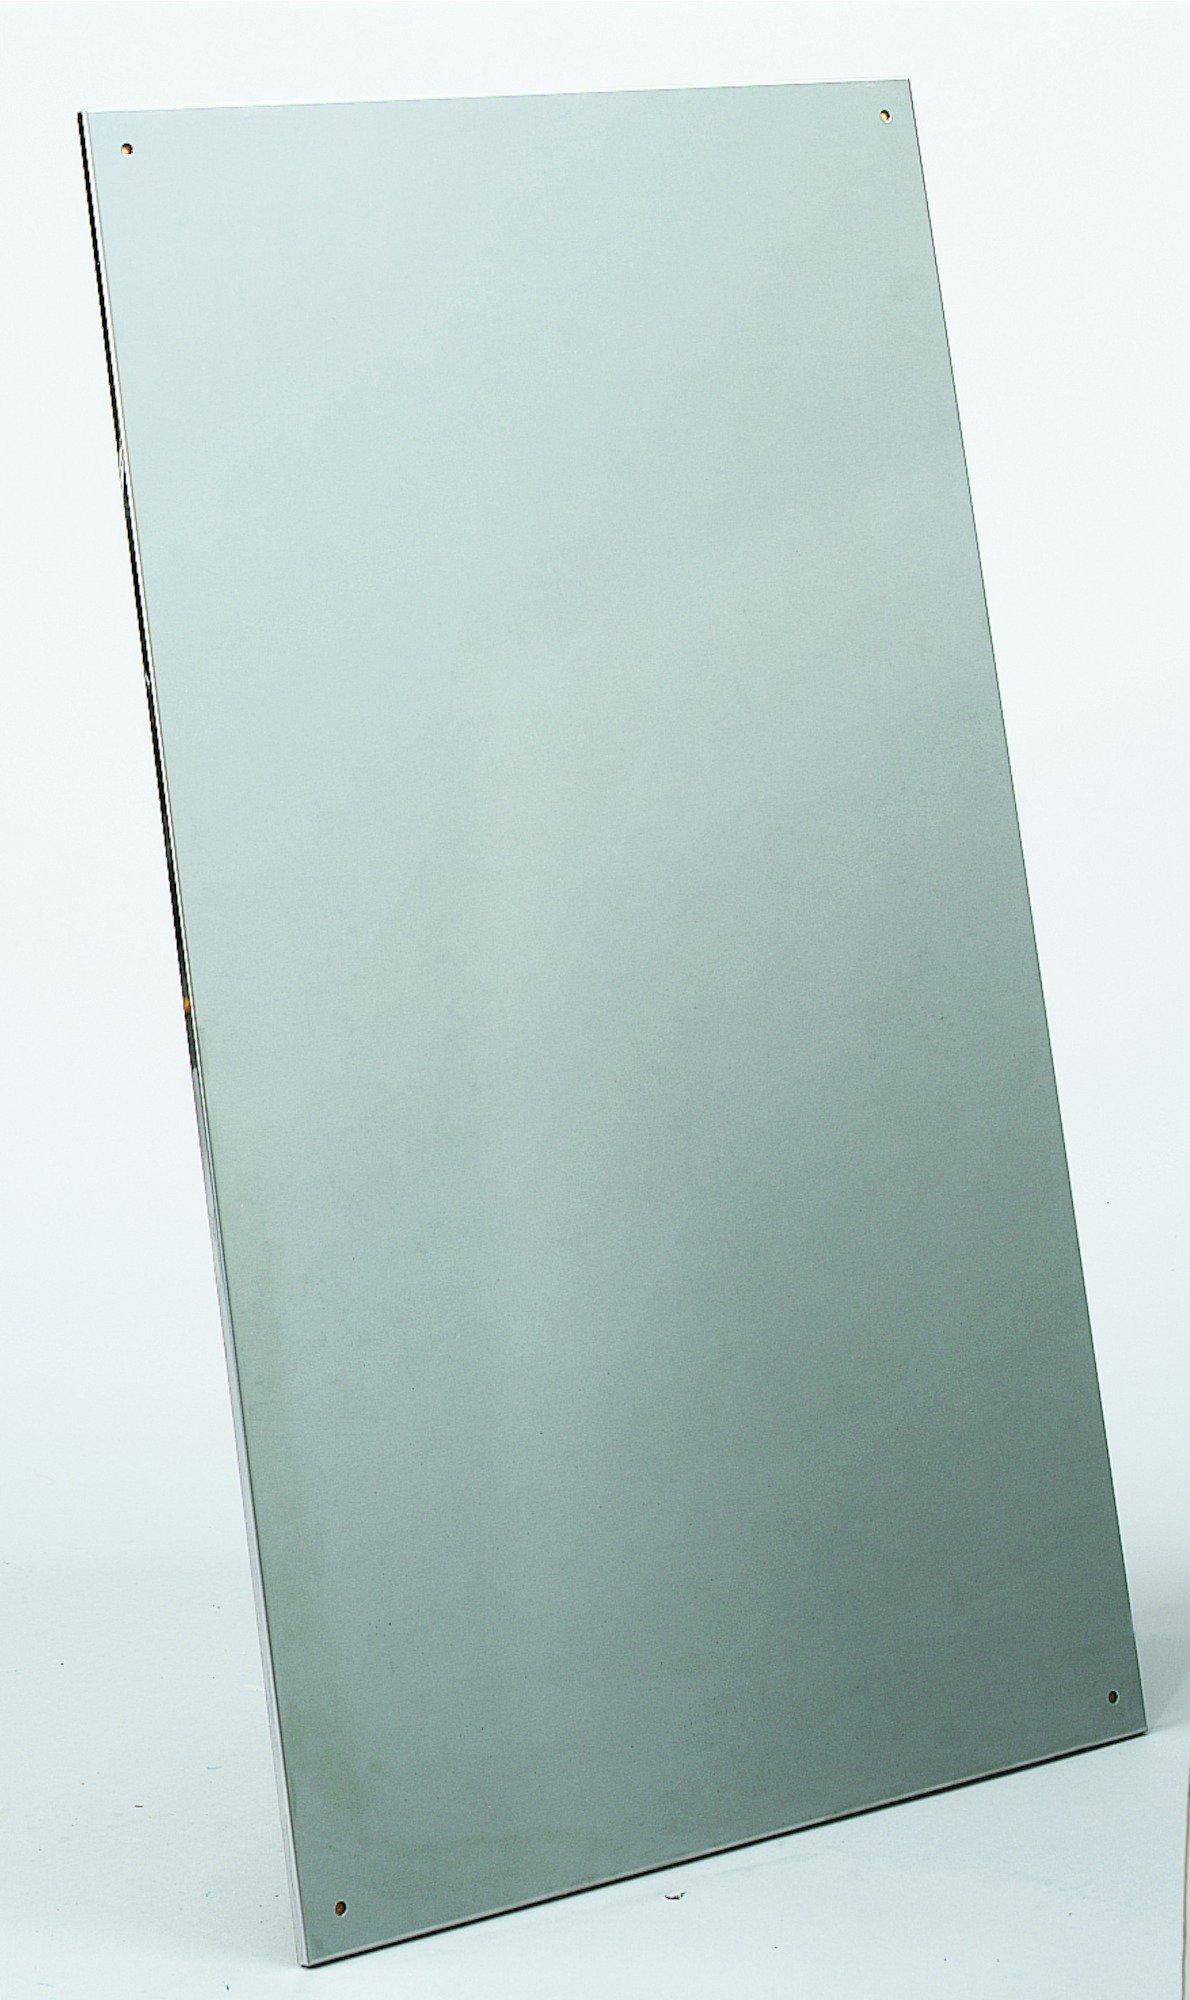 Frameless mirror 748 | Accurate Door & Hardware, Inc.